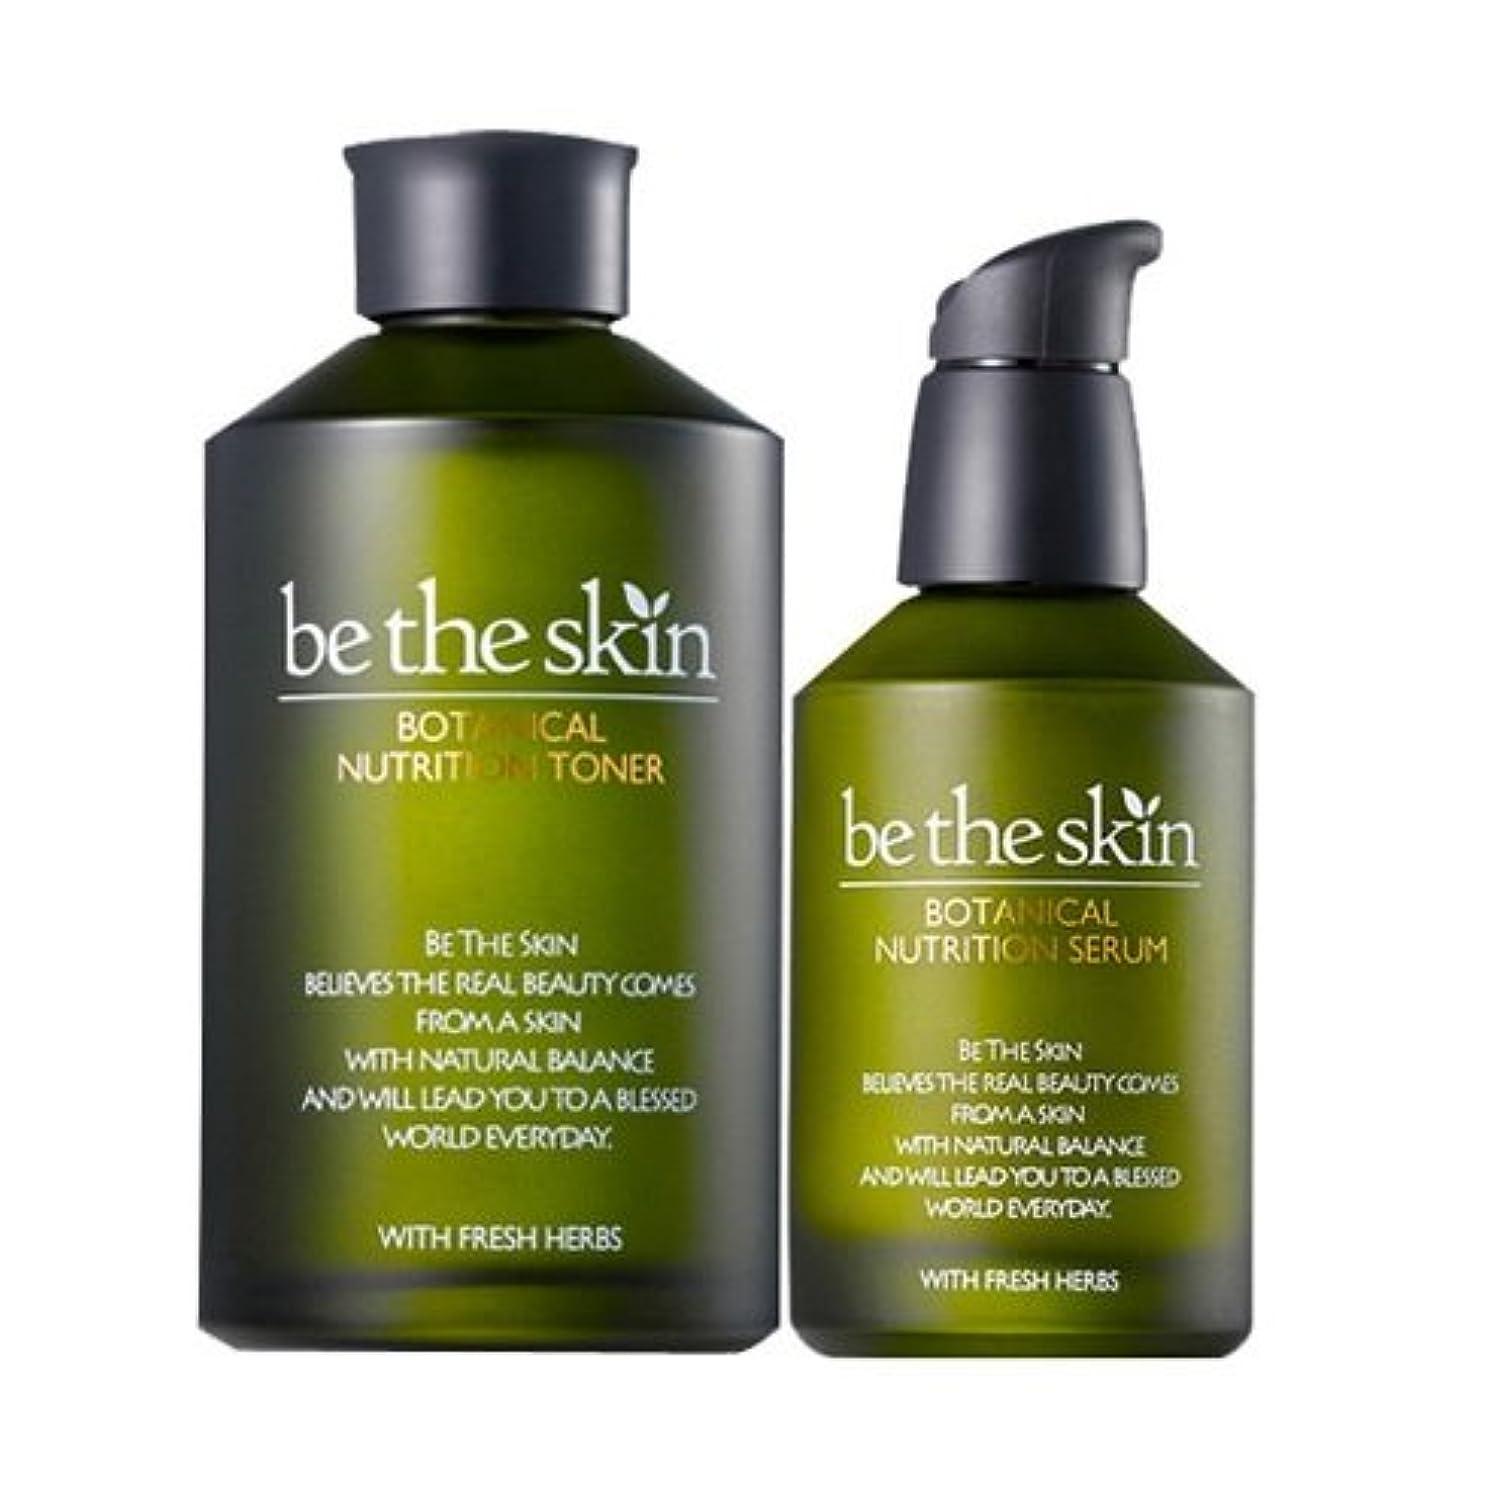 明確に彼らのトラブルbe the skin ボタニカル ニュートリション パーフェクト ケア 2種(トーナ&セラム セット)/Botanical Nutrition Toner & Serum [並行輸入品]